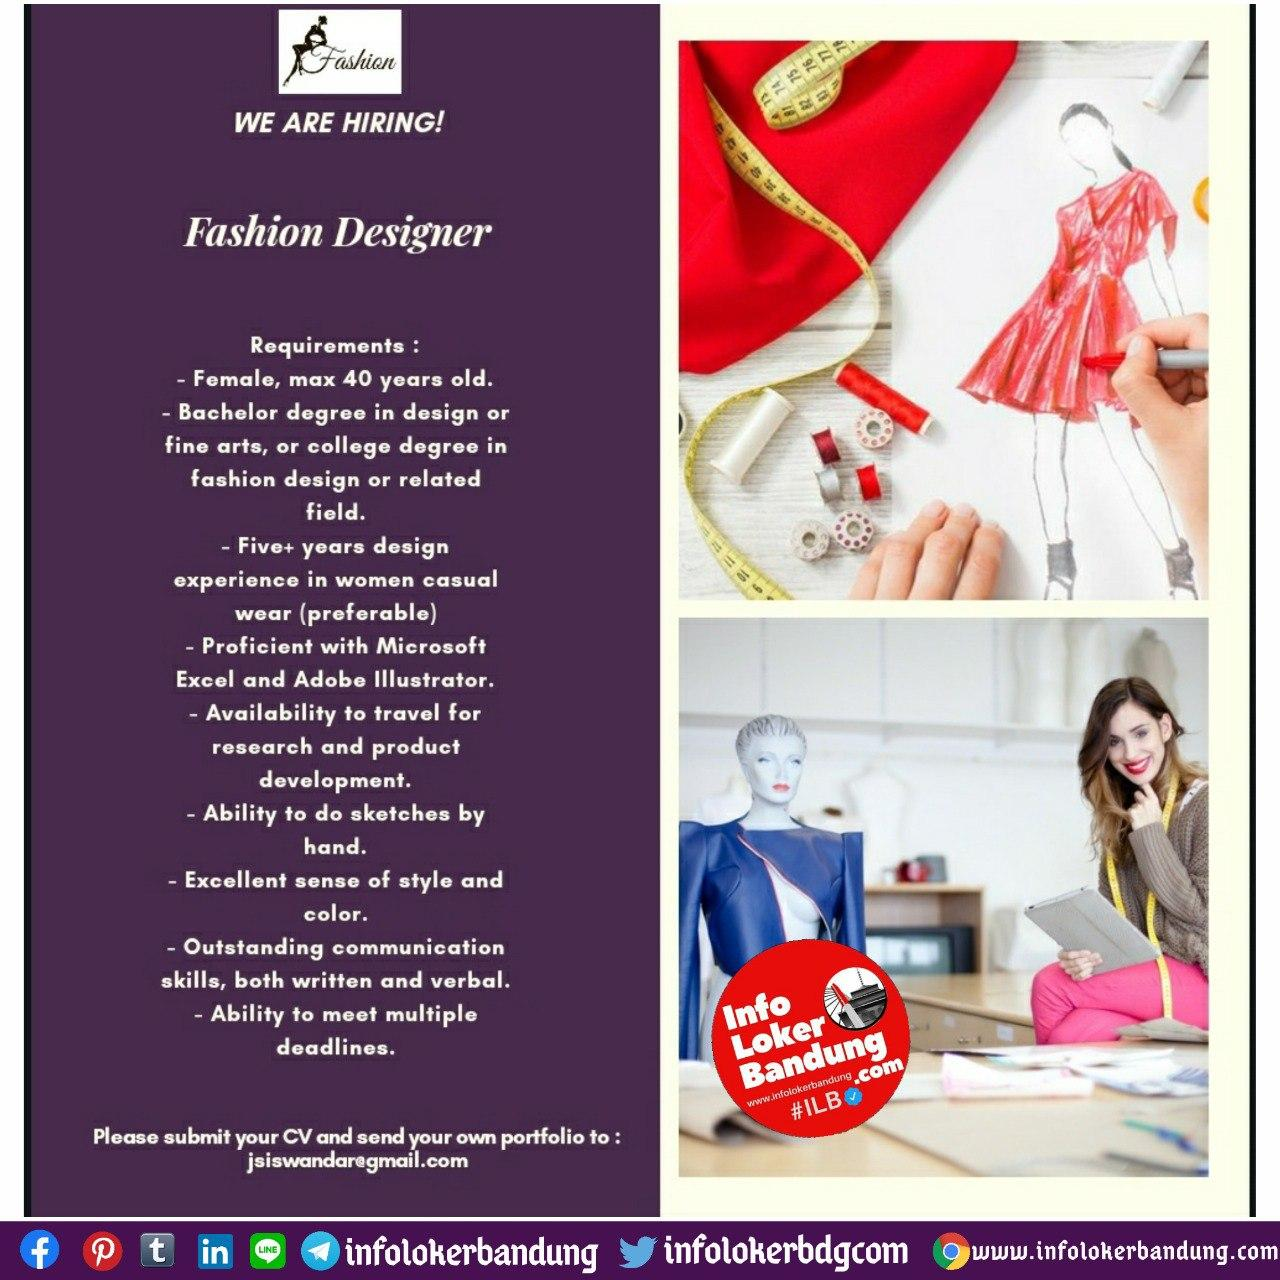 Lowongan Kerja Fashion Designer Bandung Agustus 2020